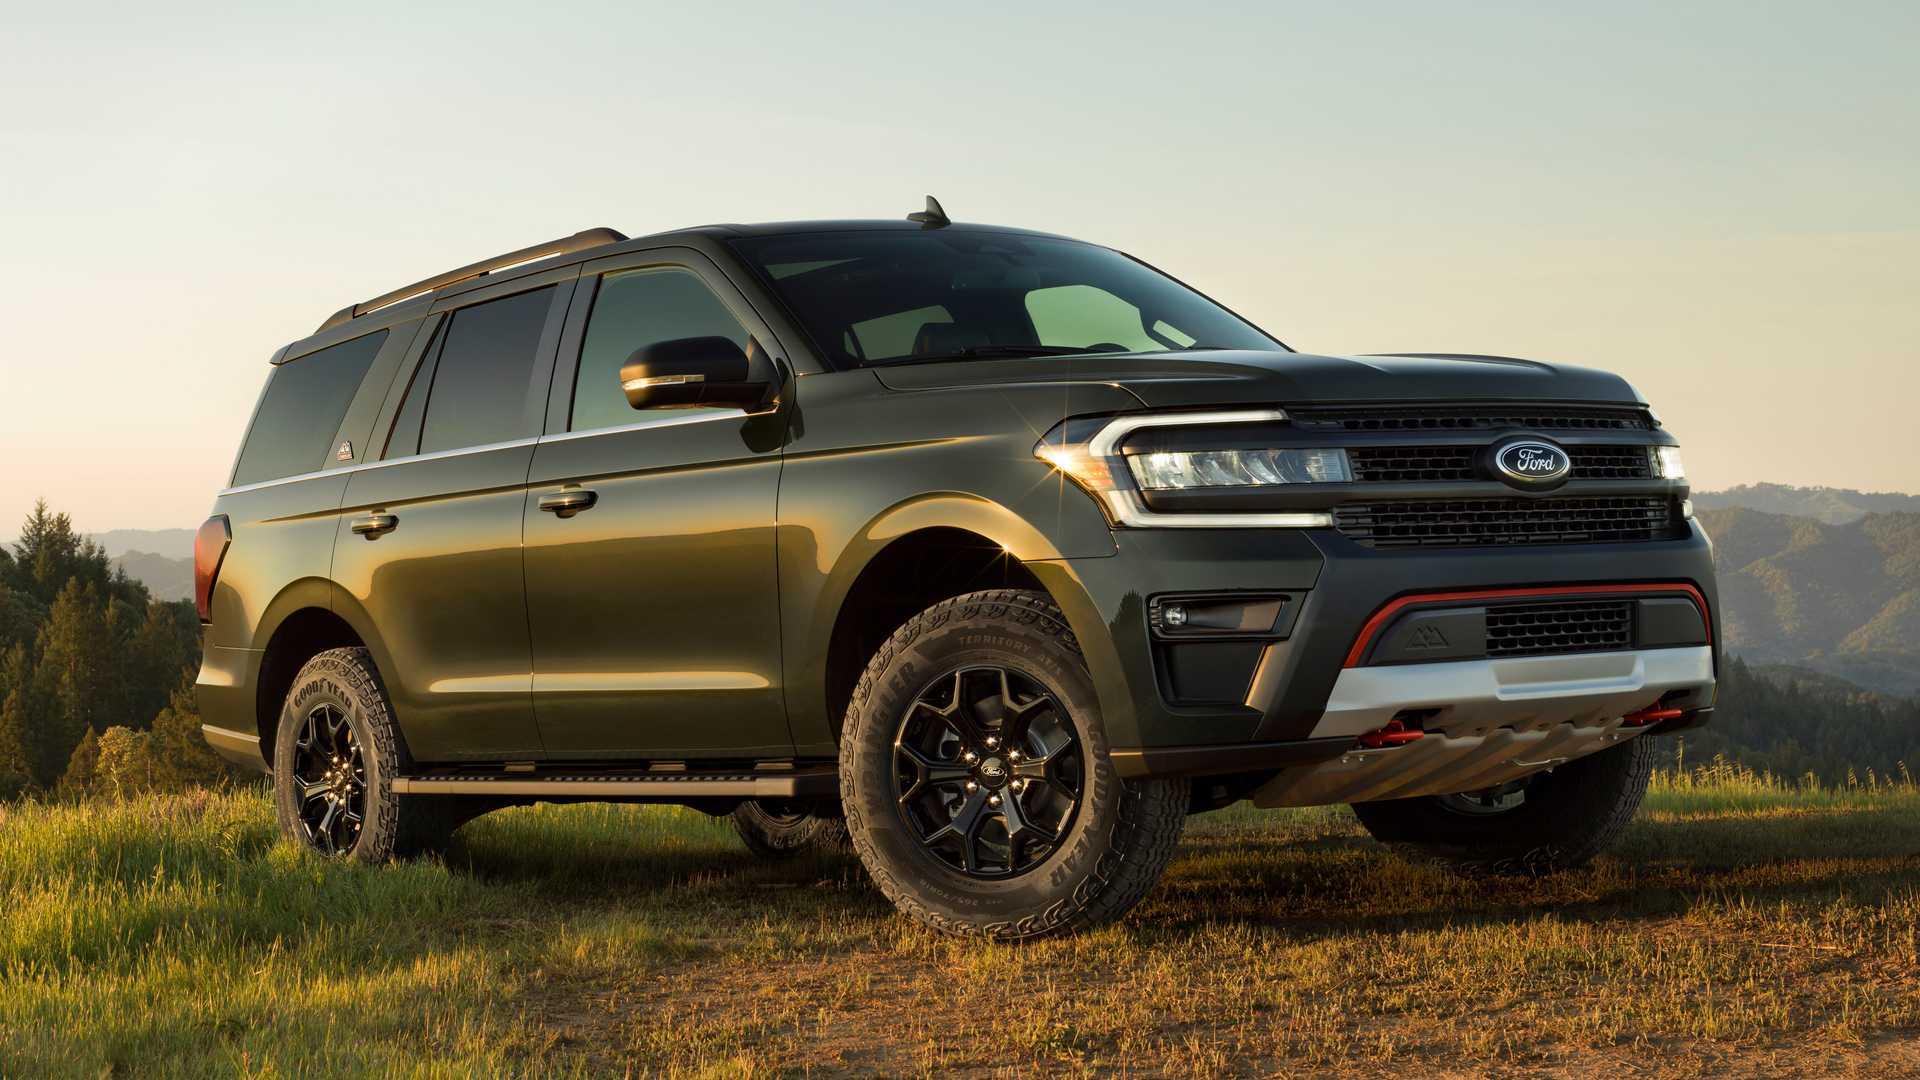 На этой неделе Ford обновил Expedition, снабдив его внедорожным пакетом Timberline. До сих пор аудиторию интересовало, появится ли данное исполнение у Max-версии с удлиненной колесной базой.